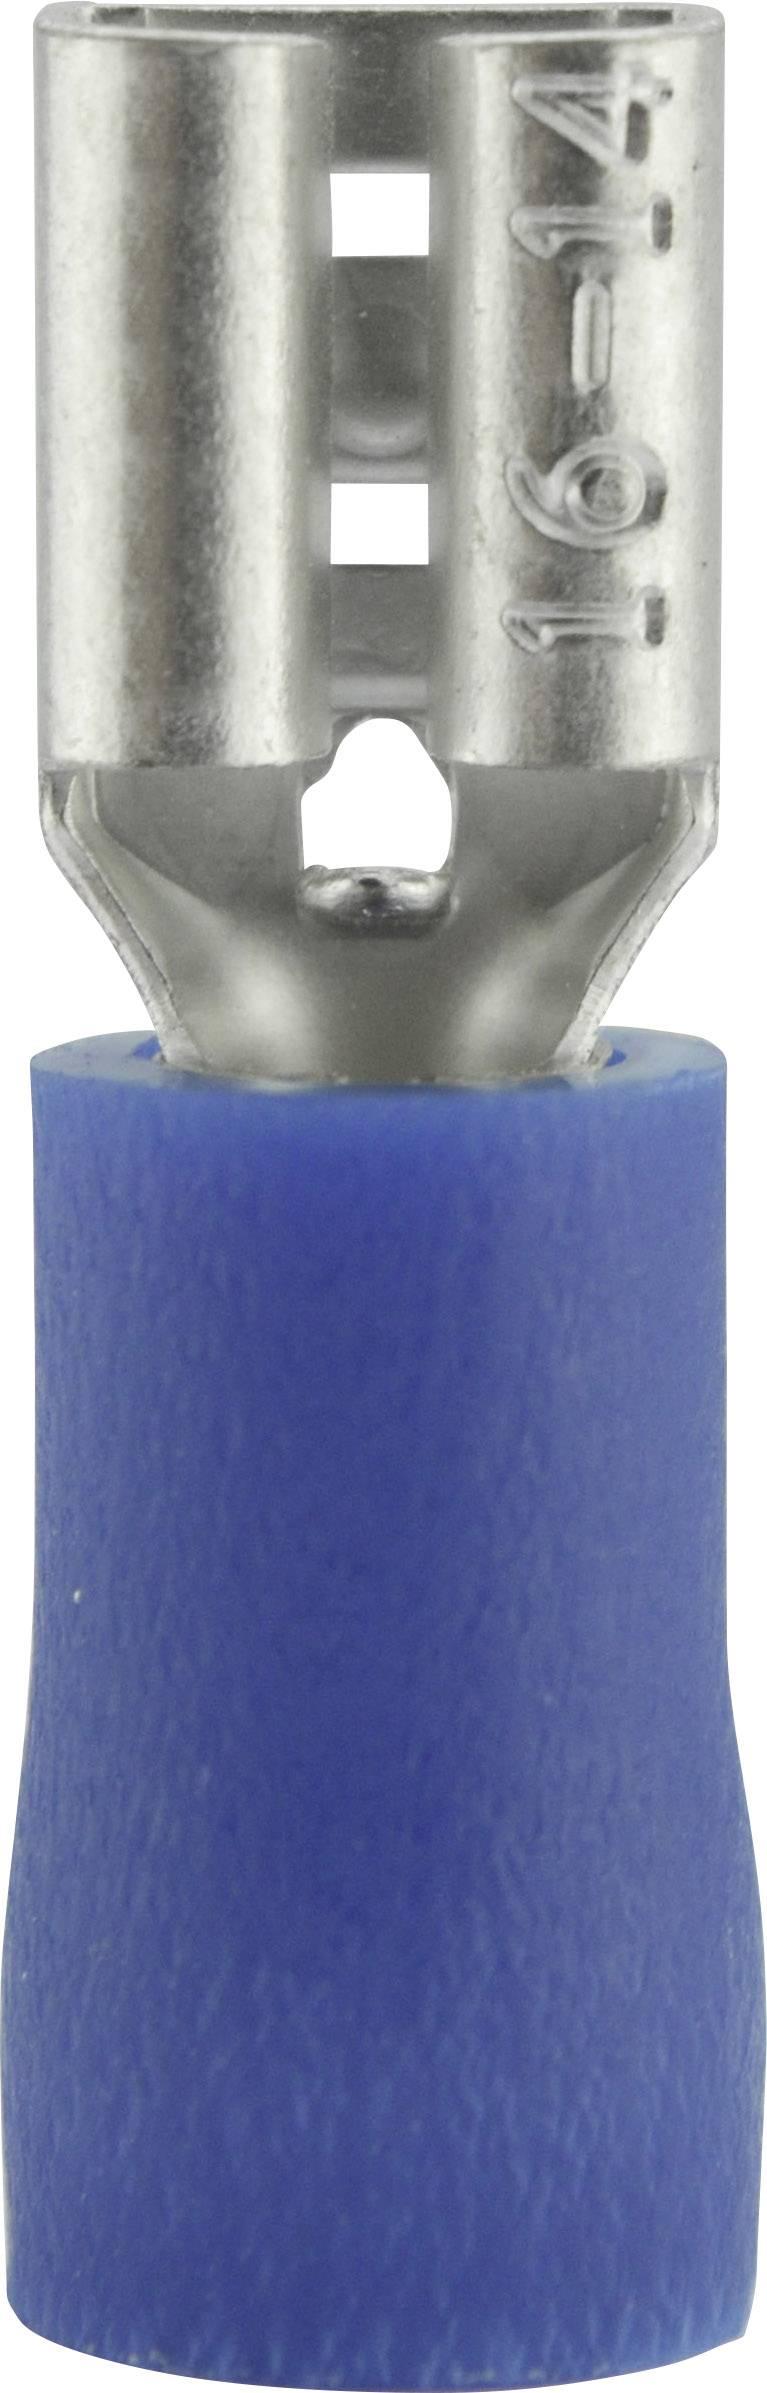 Faston konektor zásuvka Vogt Verbindungstechnik 3905 4.8 mm x 0.8 mm, 180 °, čiastočne izolované, modrá, 1 ks